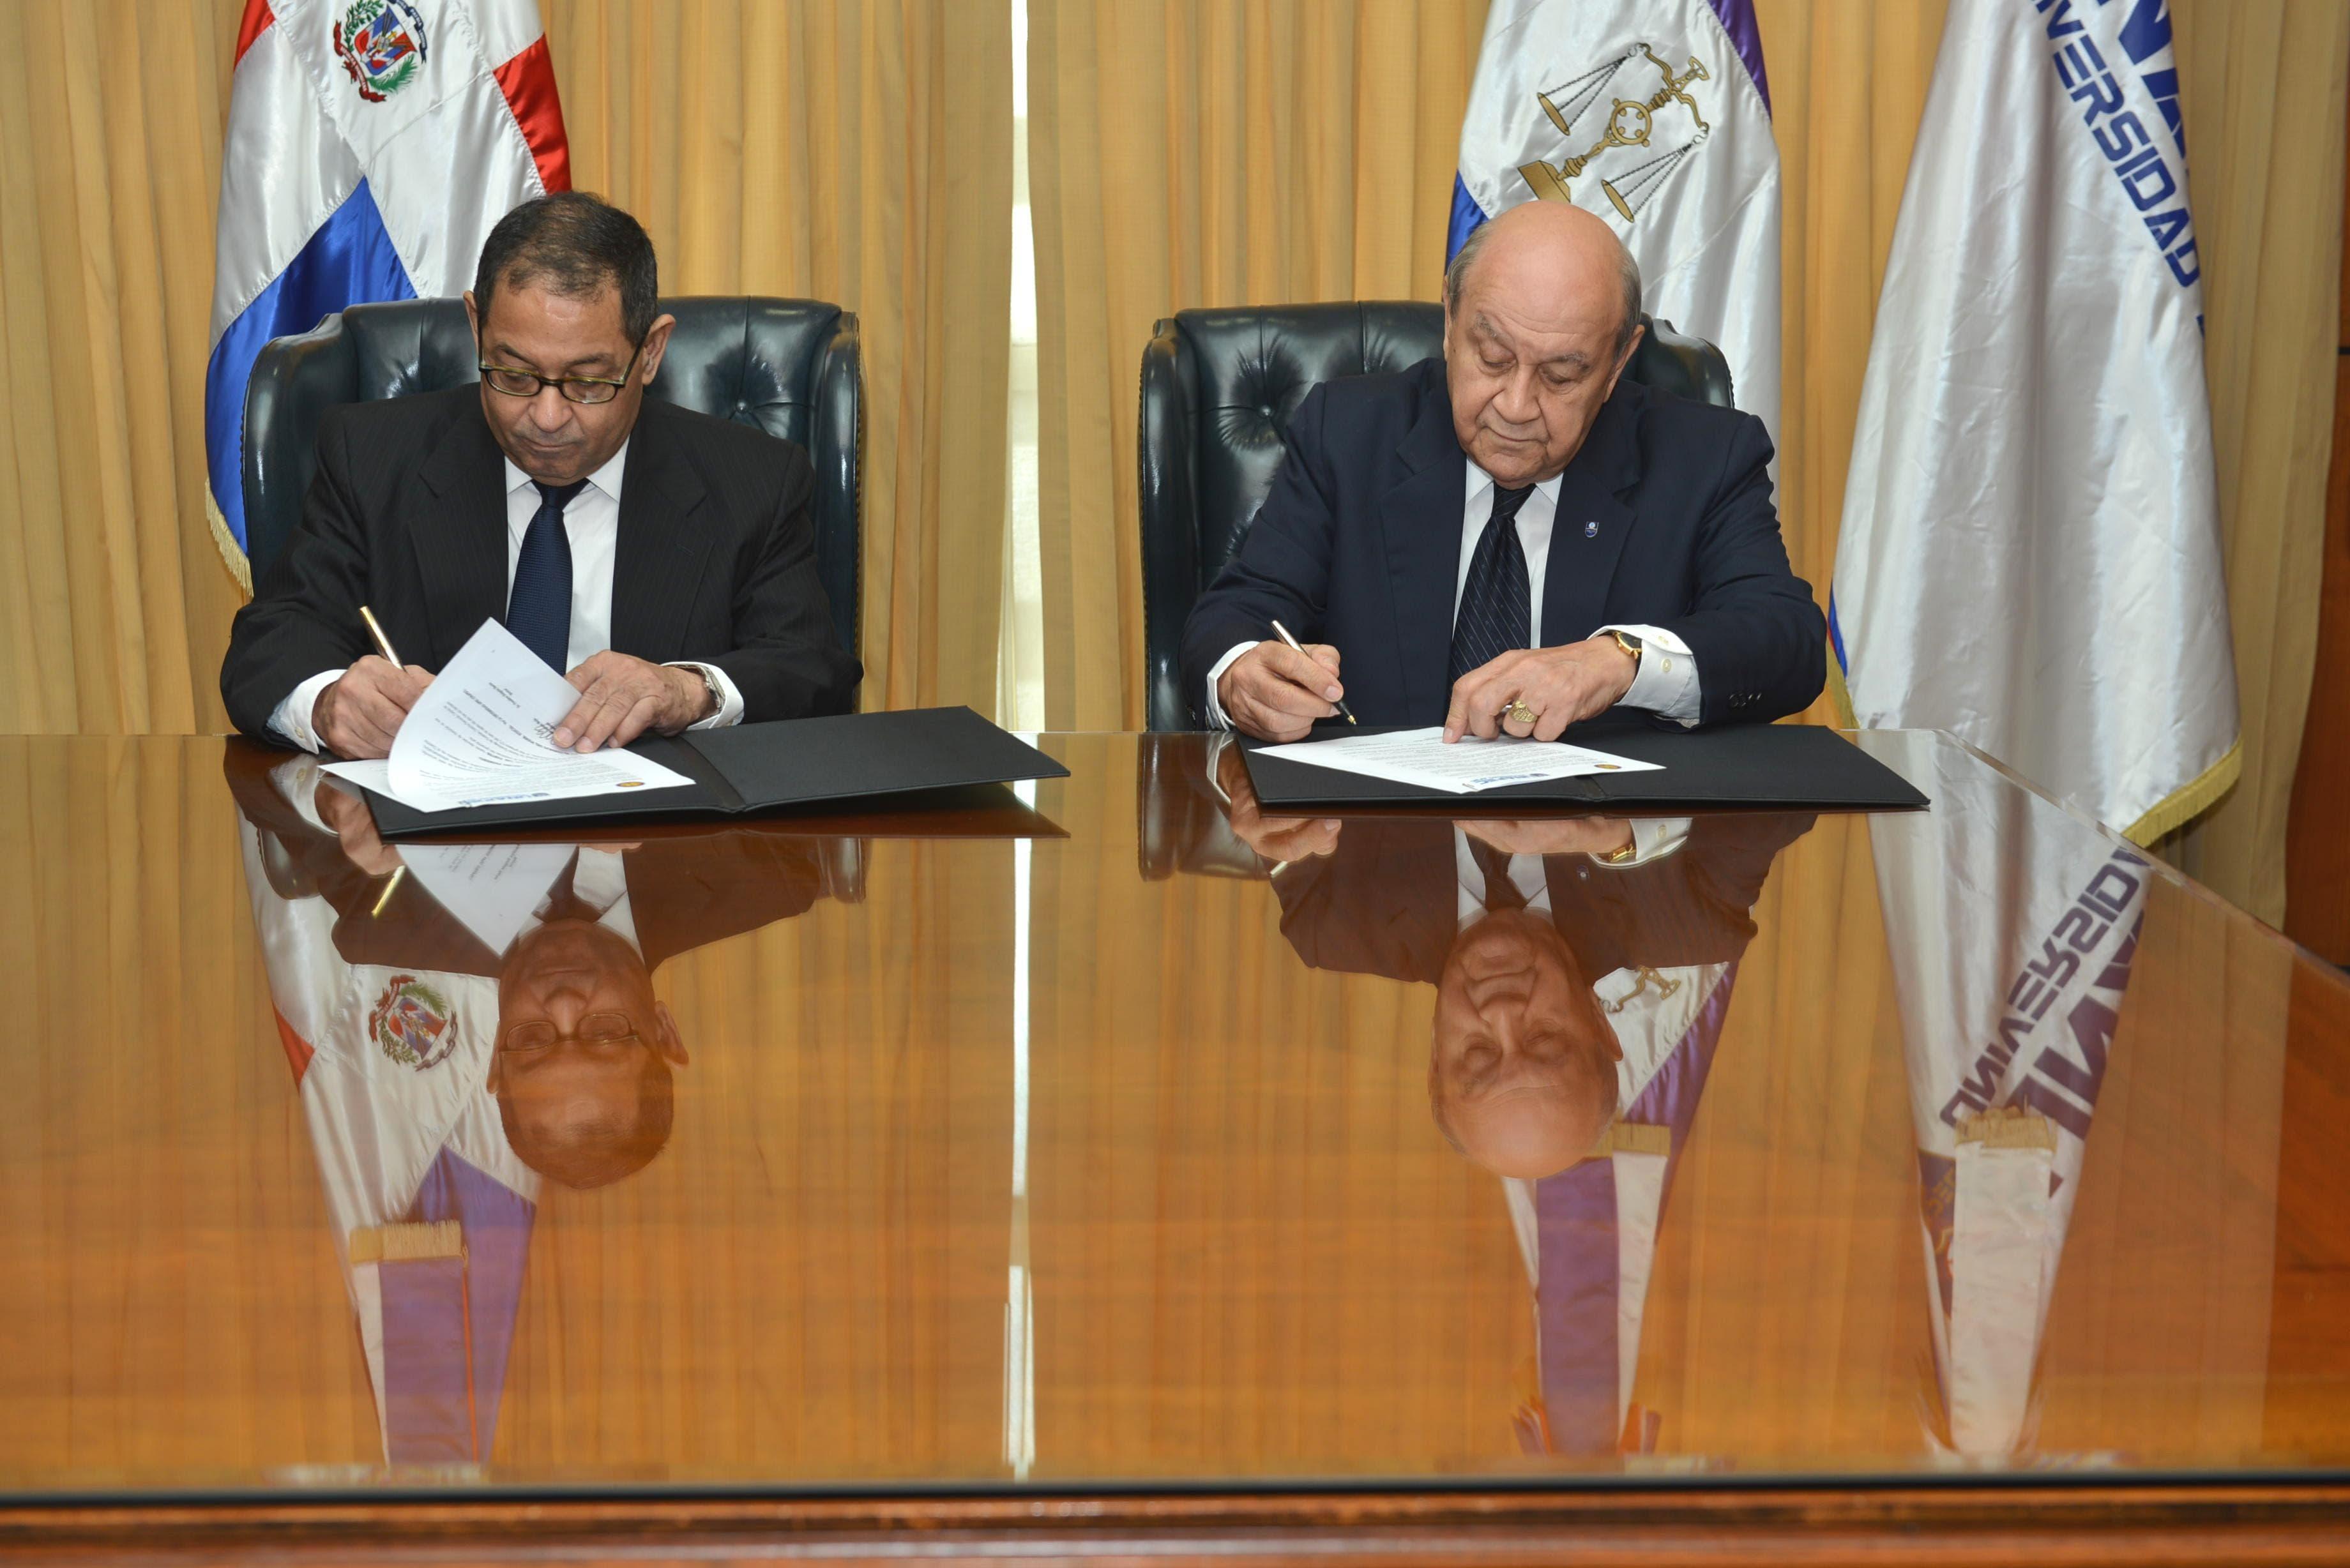 Poder Judicial y Universidad APEC firman acuerdo de cooperación interinstitucional